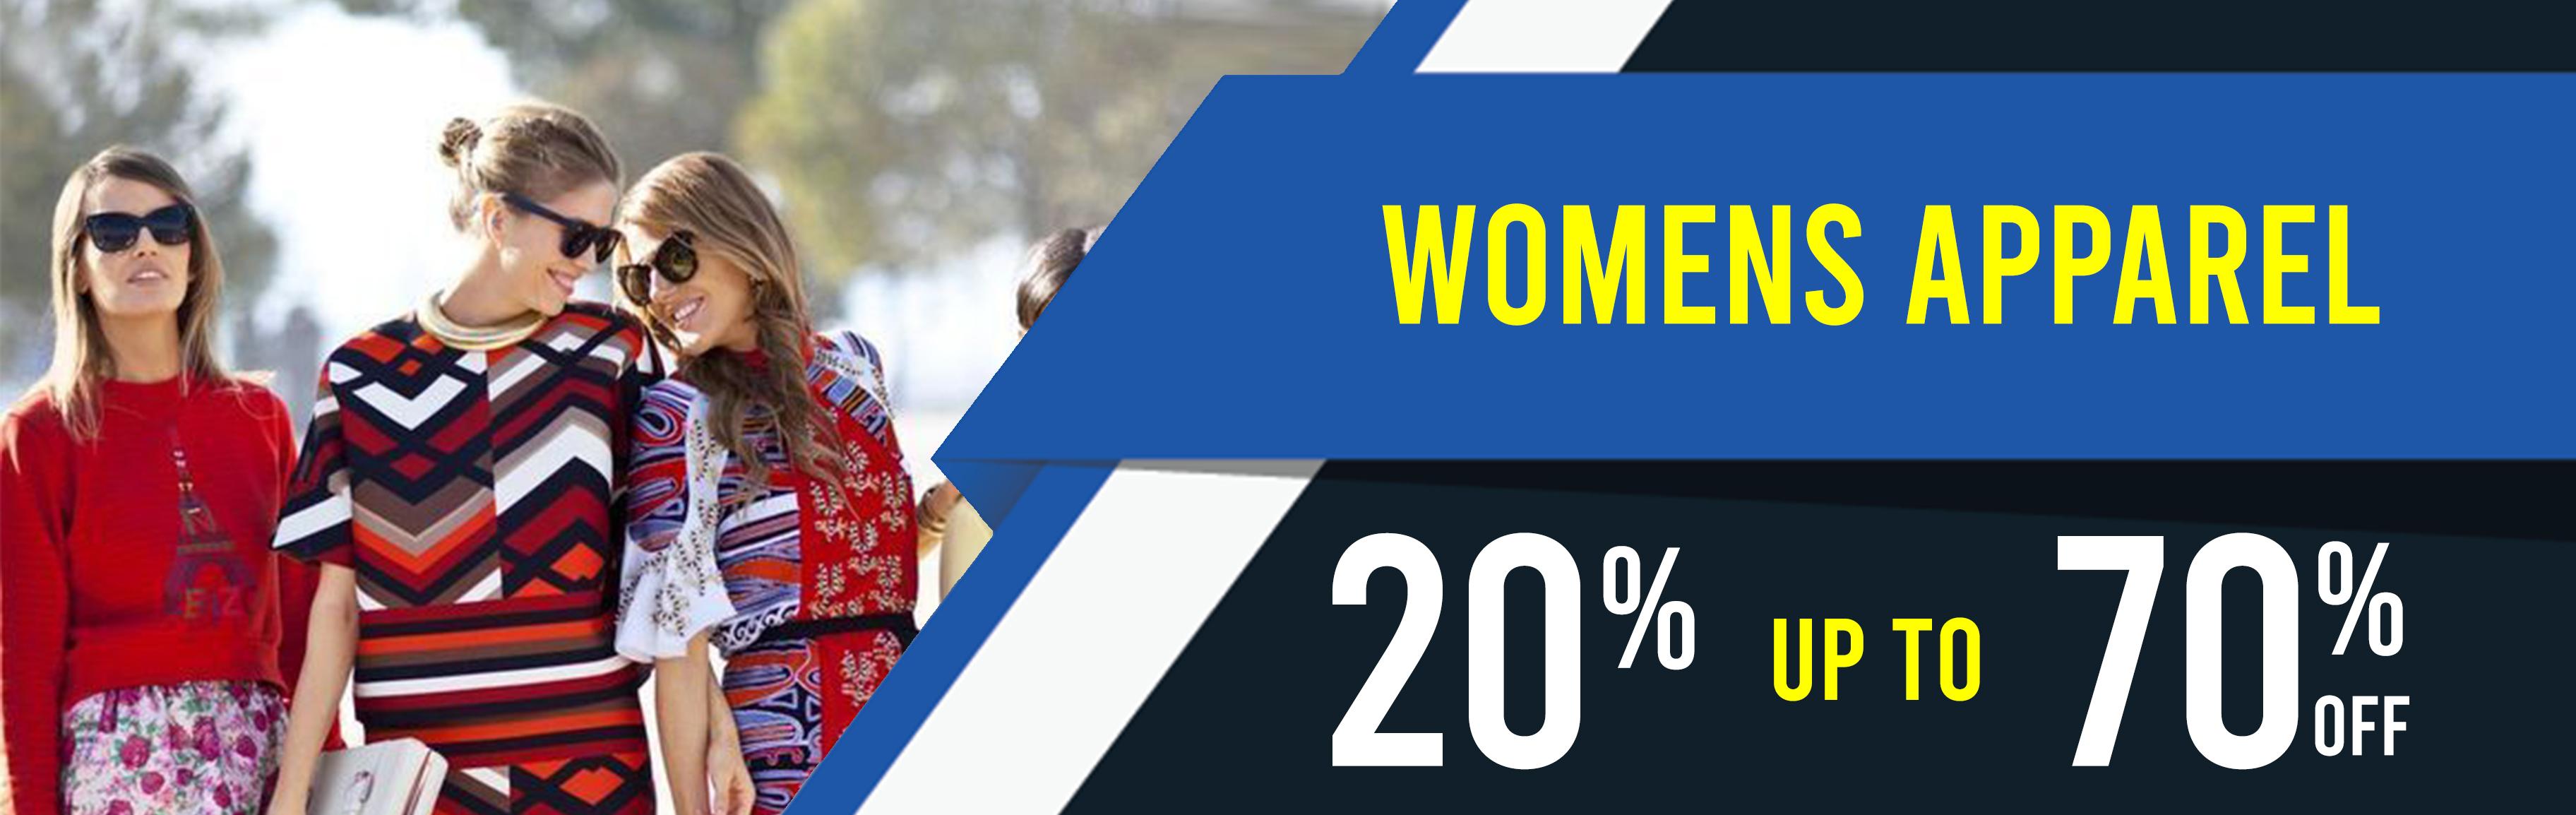 BULK OFFER BUY 3 GET 1O% OFF WOMENS APPAREL